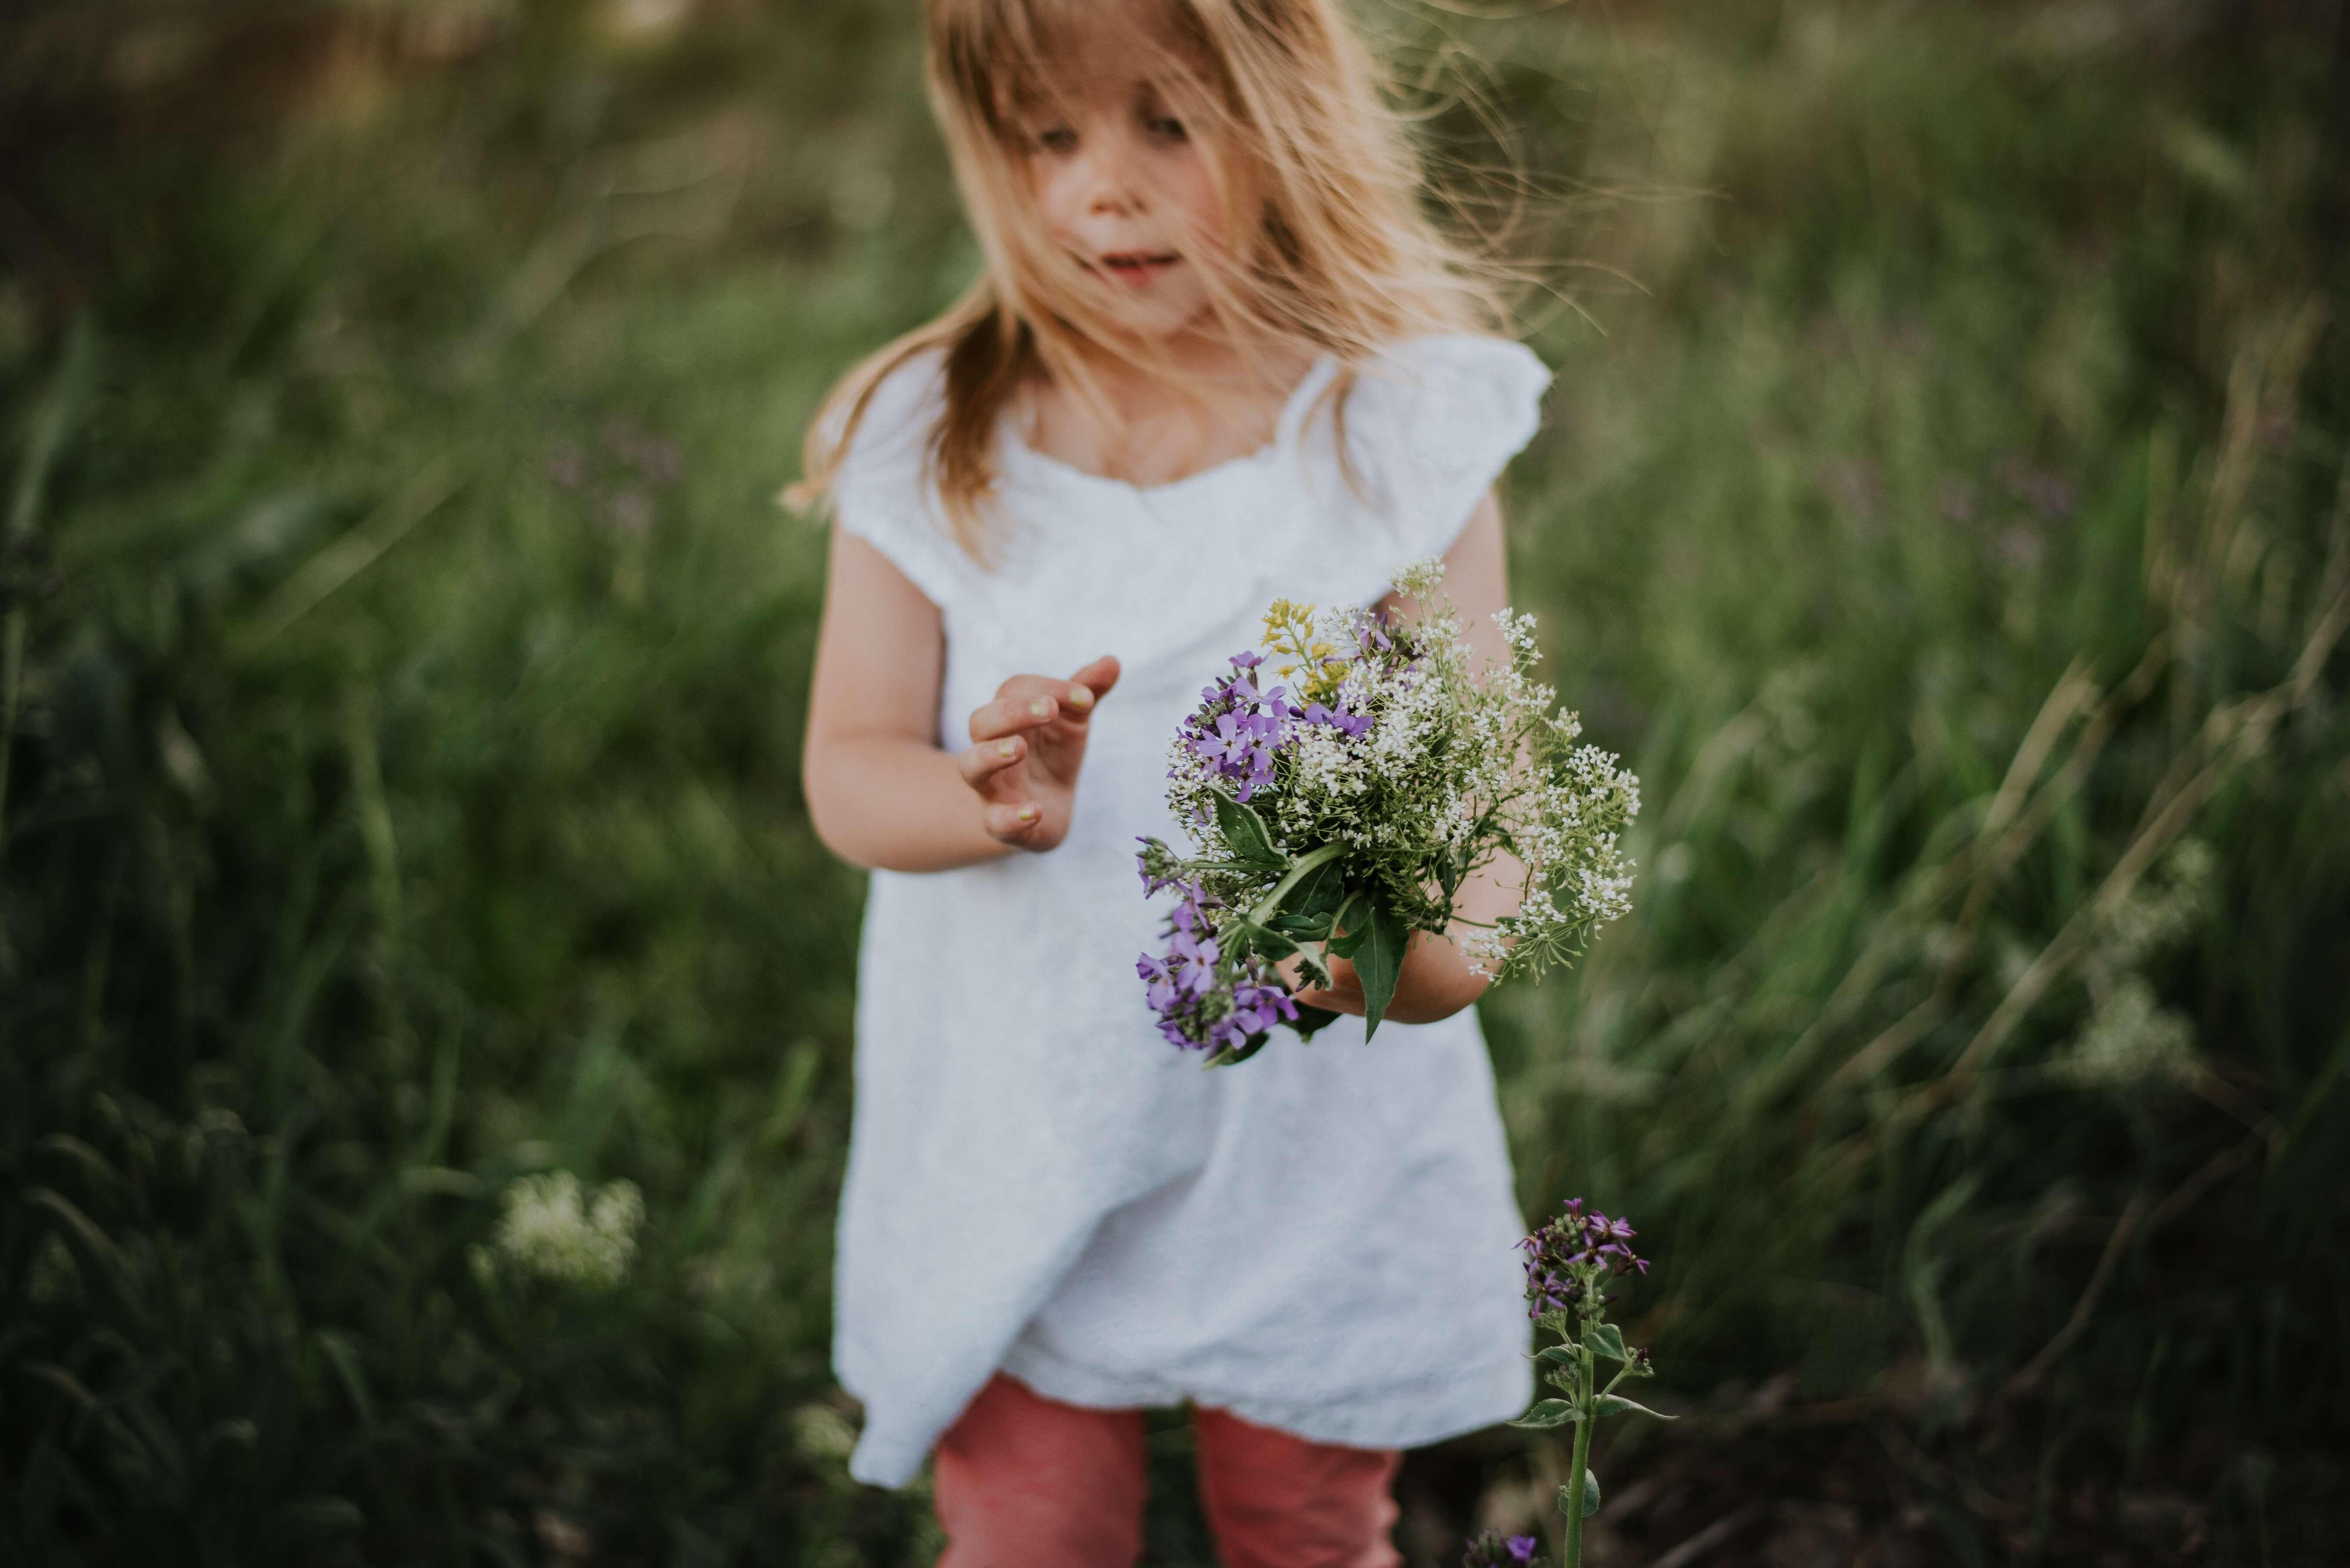 criança com flores na mão